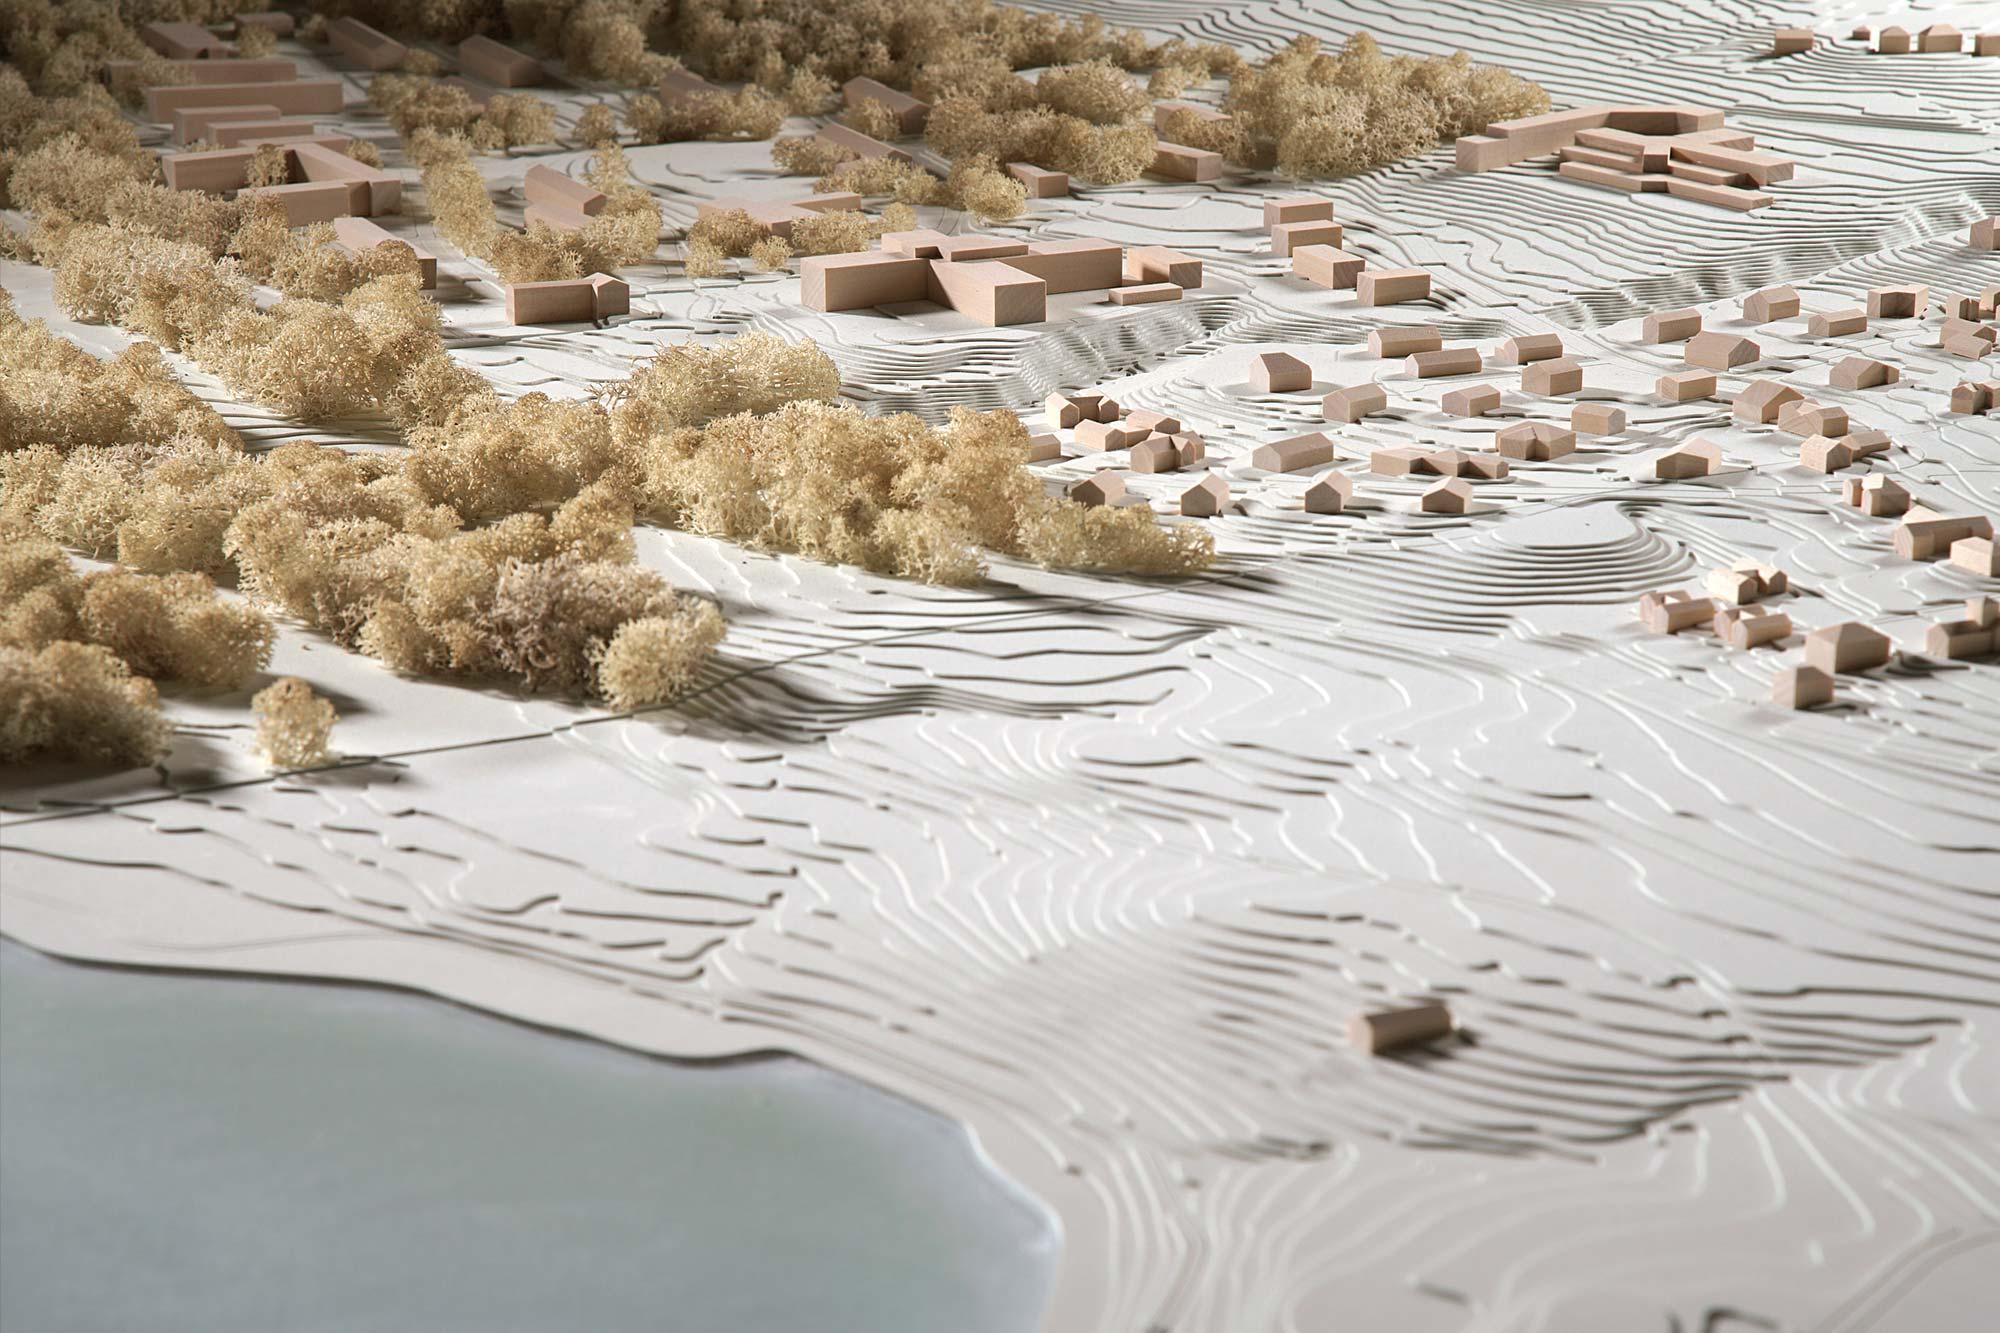 Topografisches Modell Feldafing - Ausschnitt Landschaft